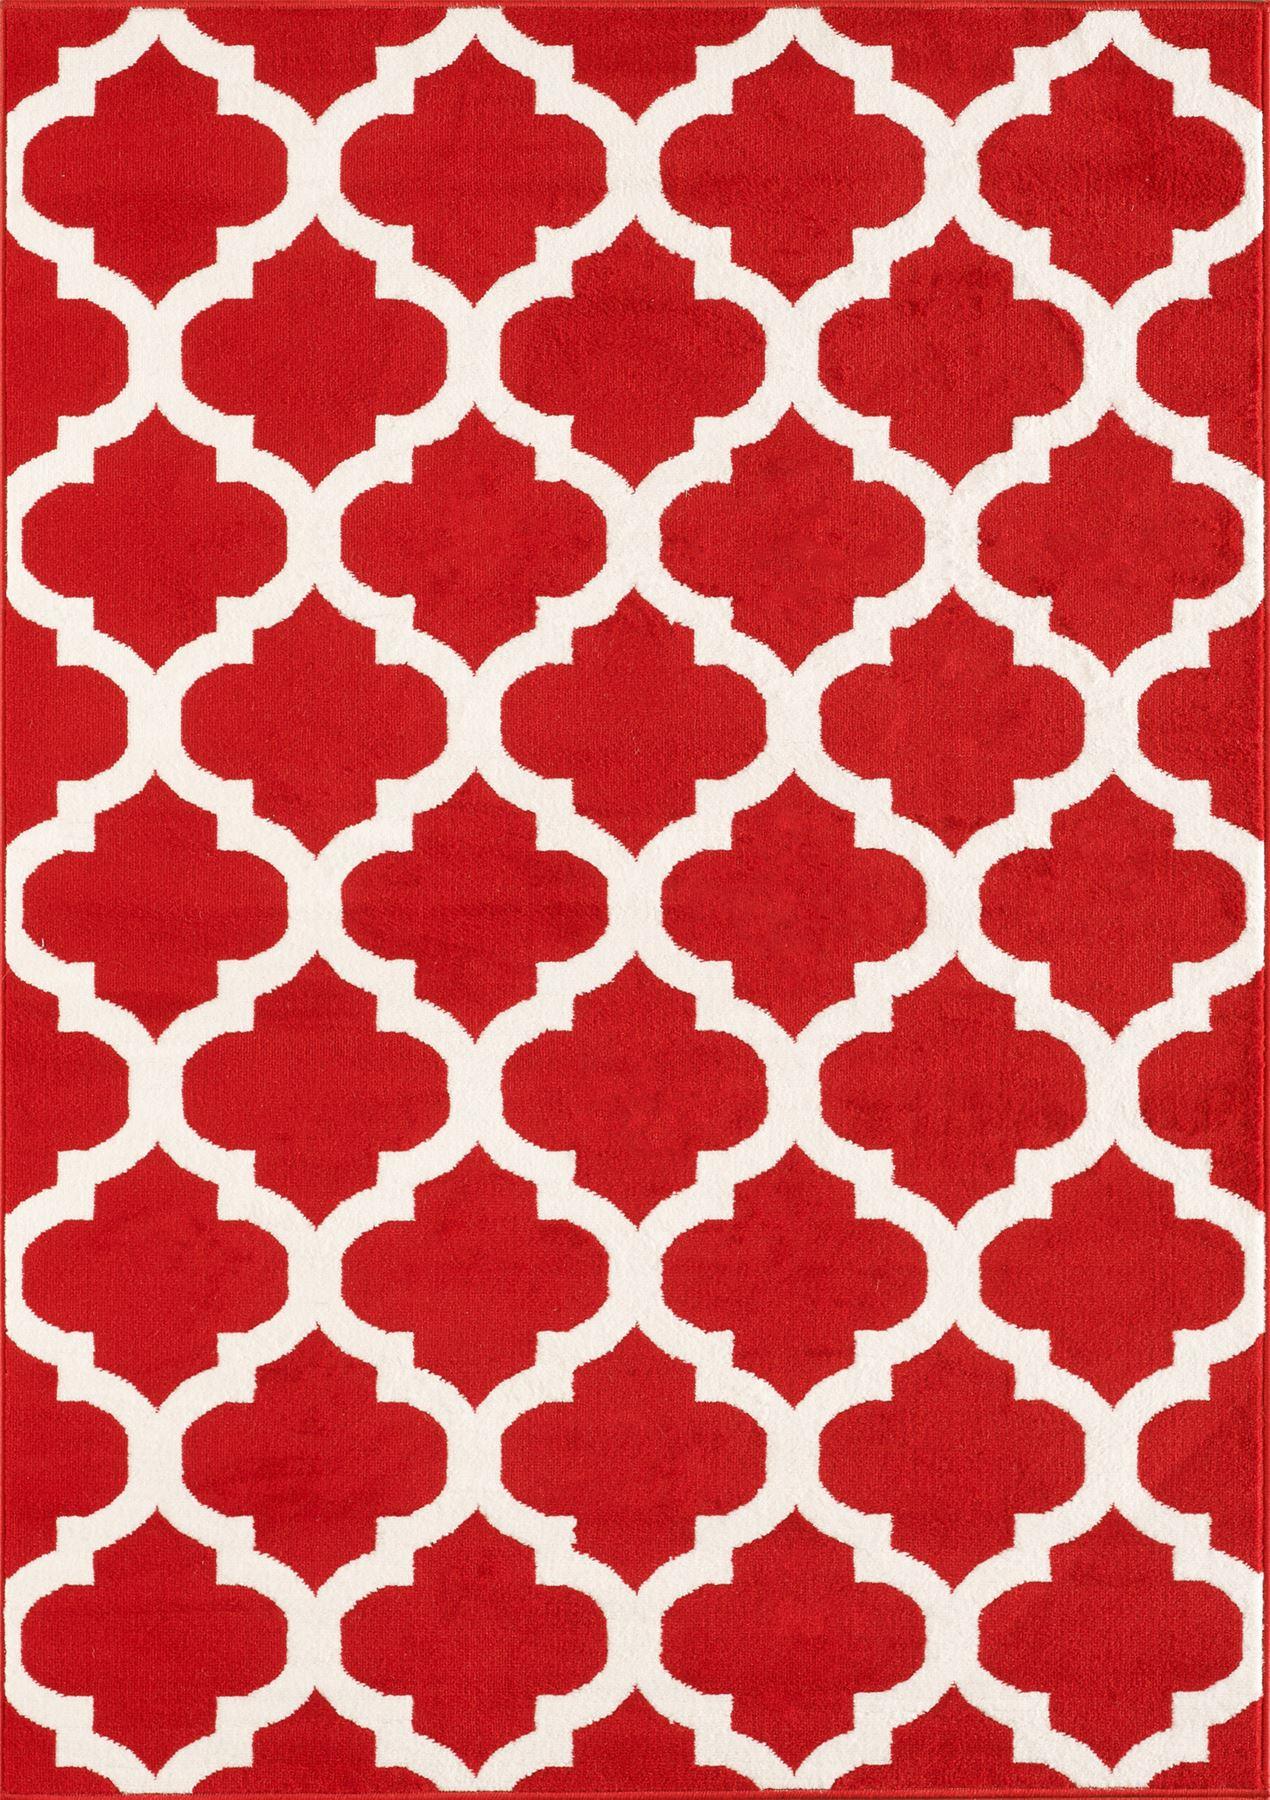 Nero-Rosso-Argento-Bianco-Viola-Moderno-Area-Tappeto-Traliccio-DESIGN-CUCINA-outdoorrug miniatura 16